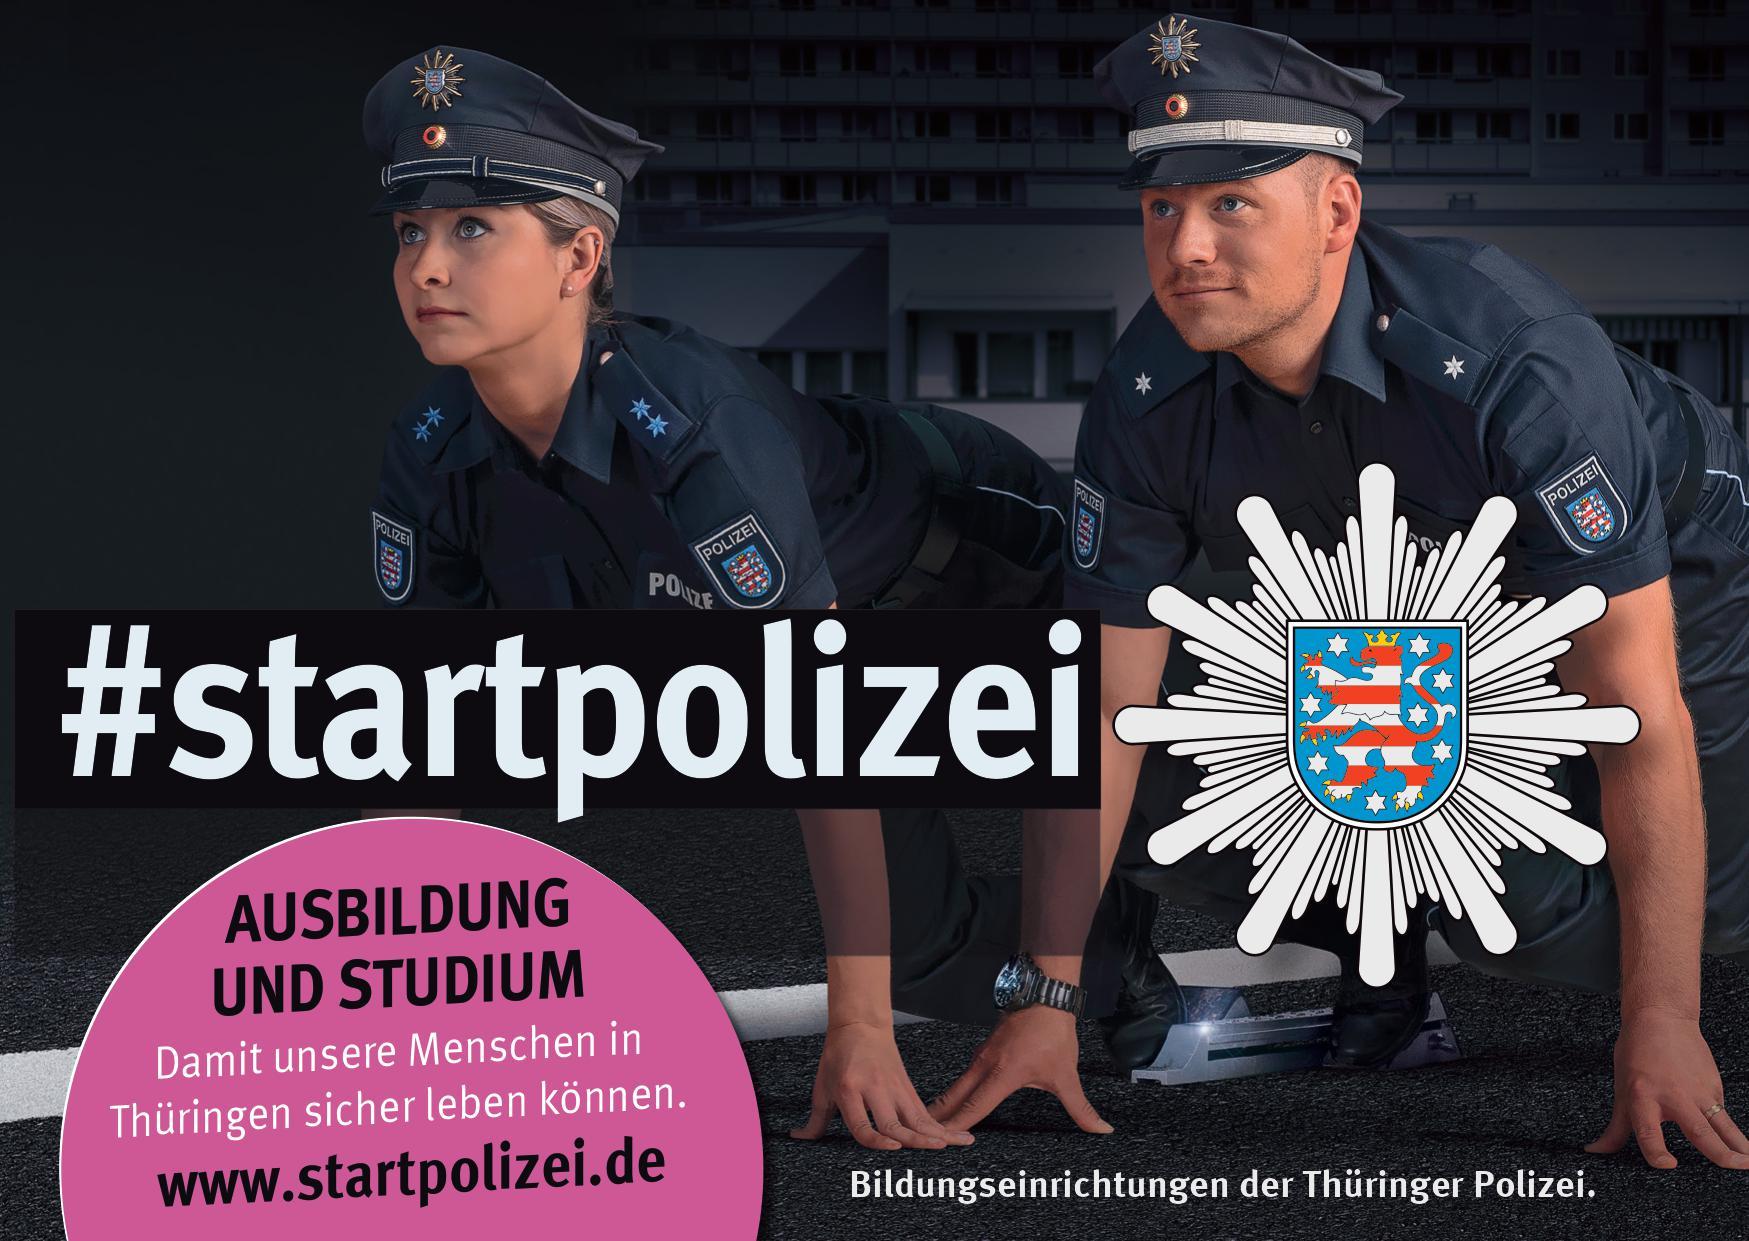 ᐅ Polizei Thuringen Bewerbung Einfach Richtig Bewerben